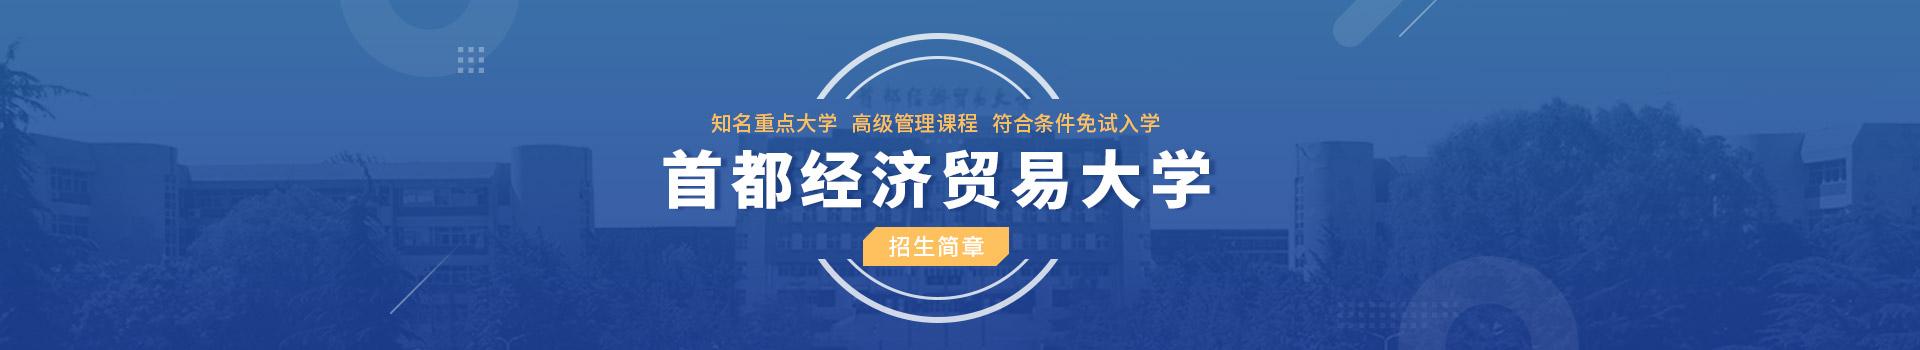 首都经济贸易大学在职MBA招生简章